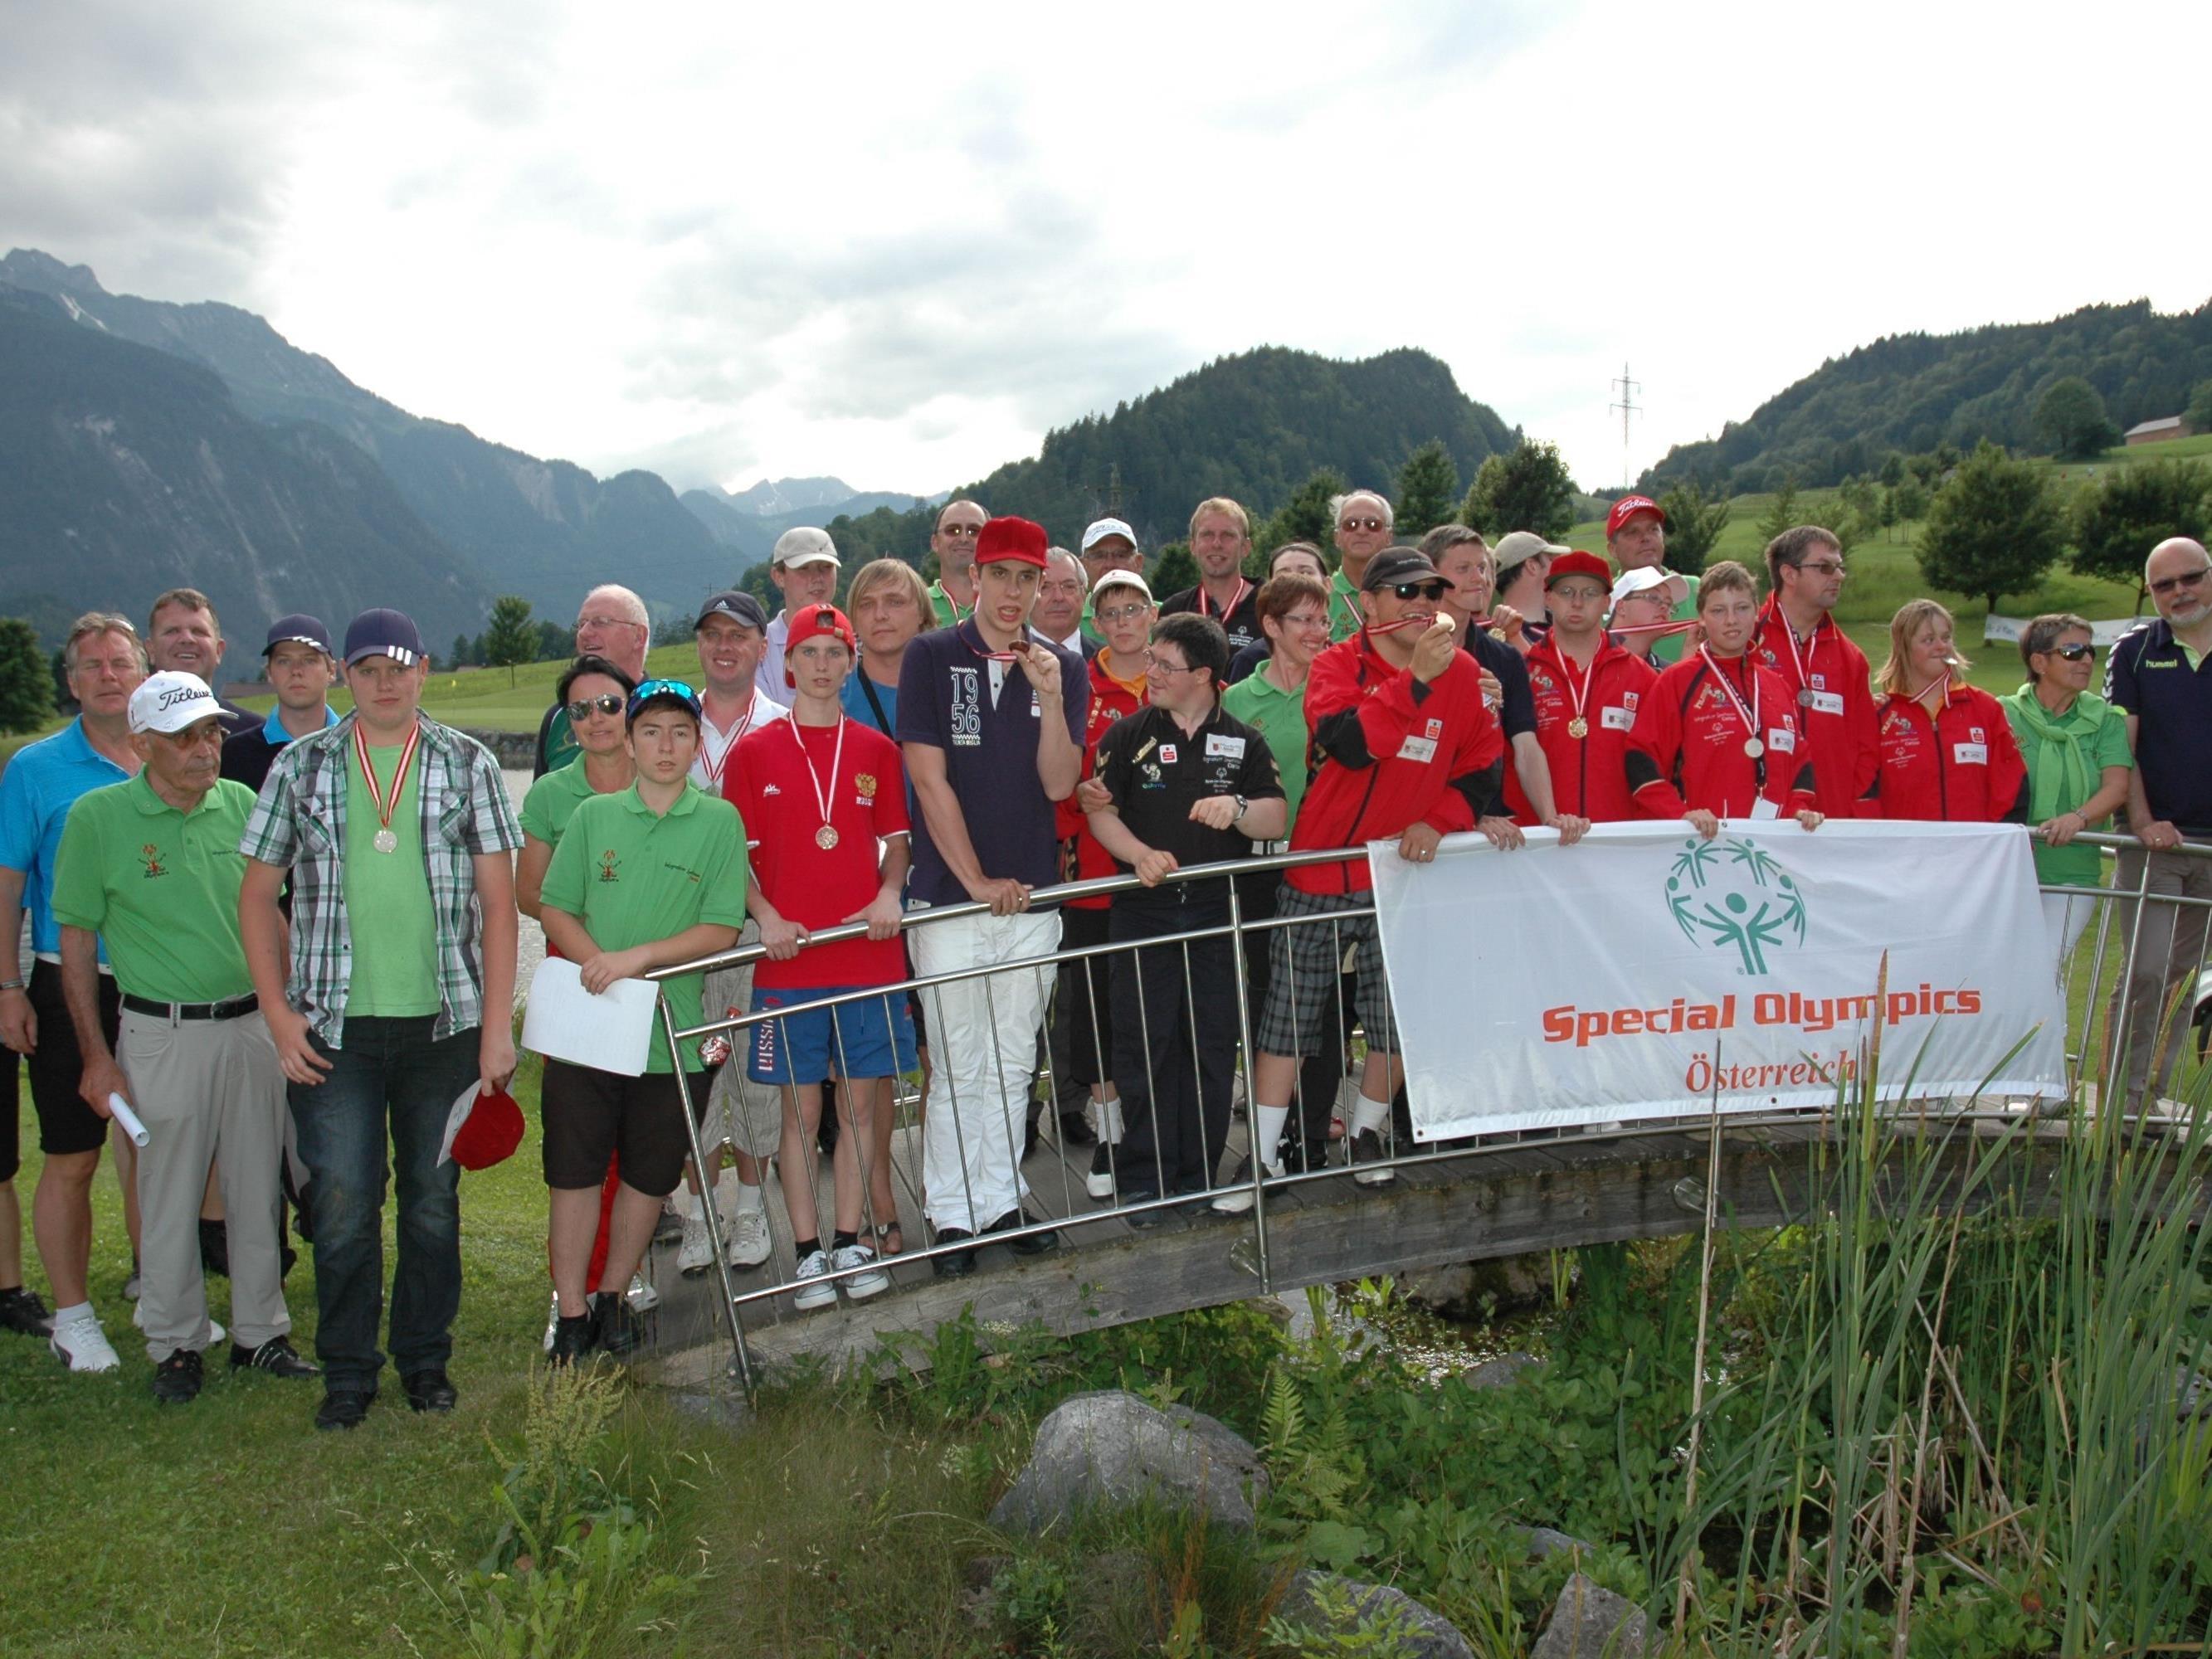 Gruppenbild der Teilnehmer zu Erinnerung an schöne Tage …